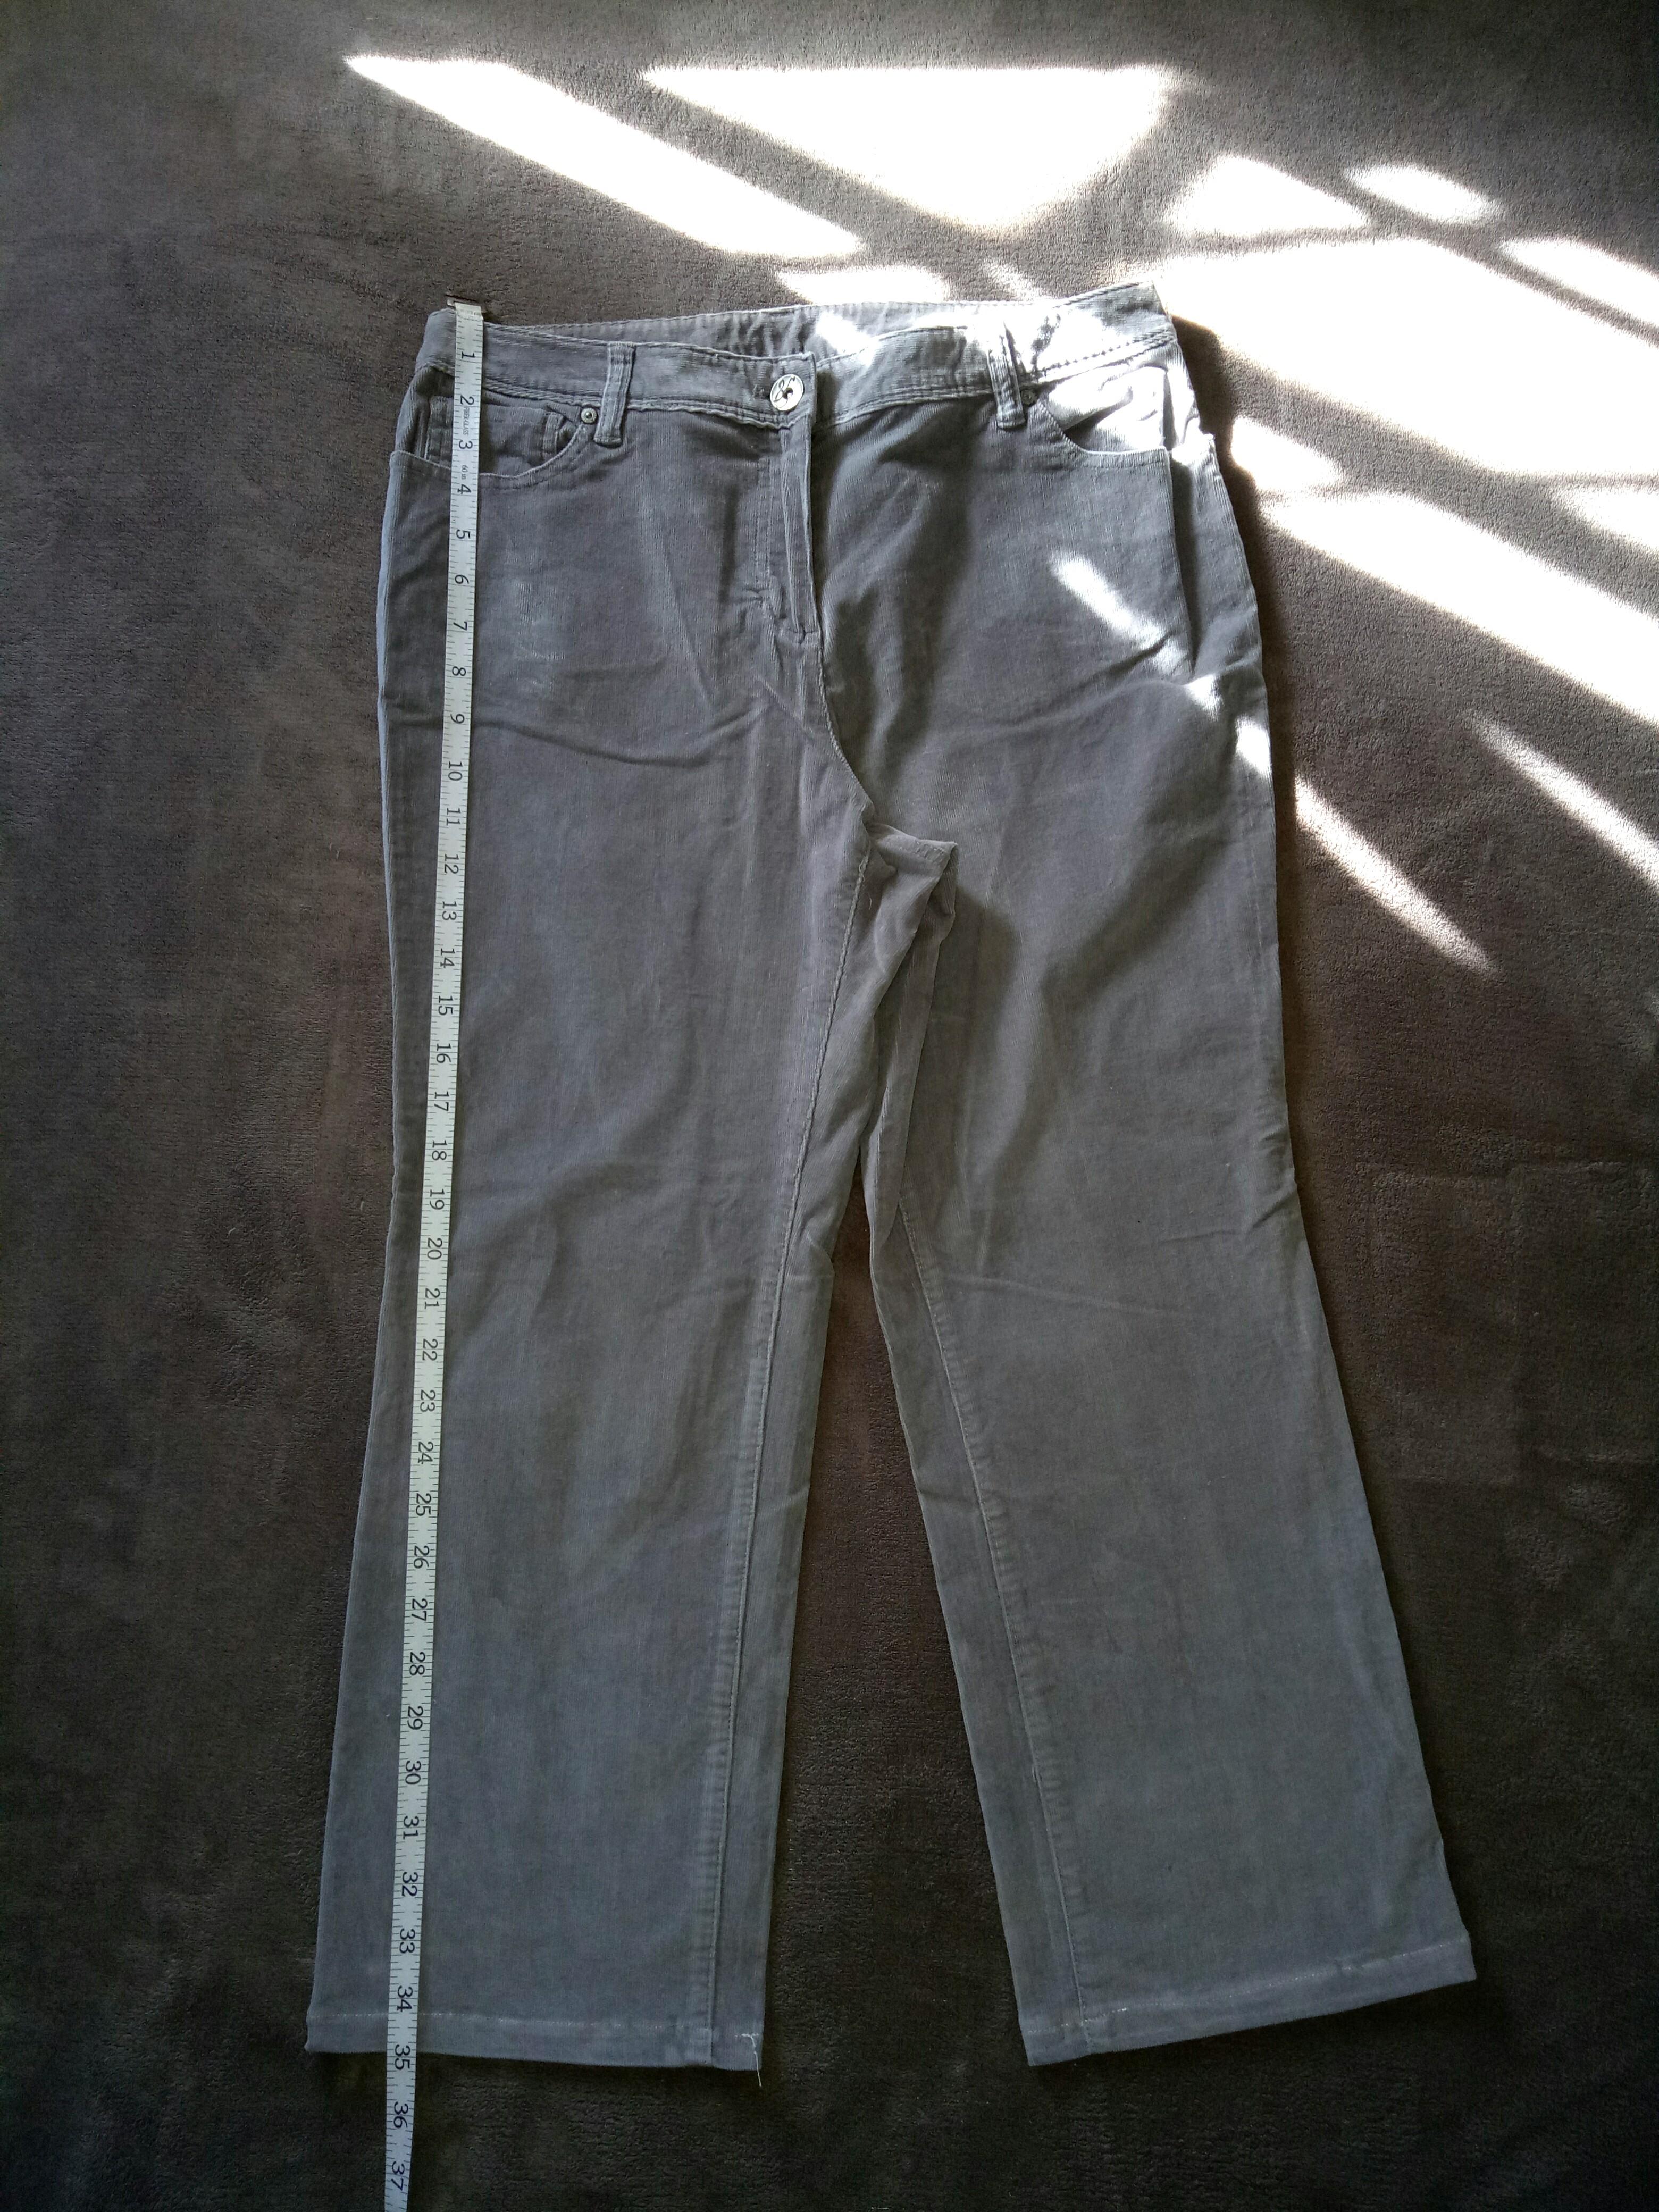 65159d5c7455e Style & Co. Corduroy Pants, Women's Fashion, Clothes, Pants, Jeans ...